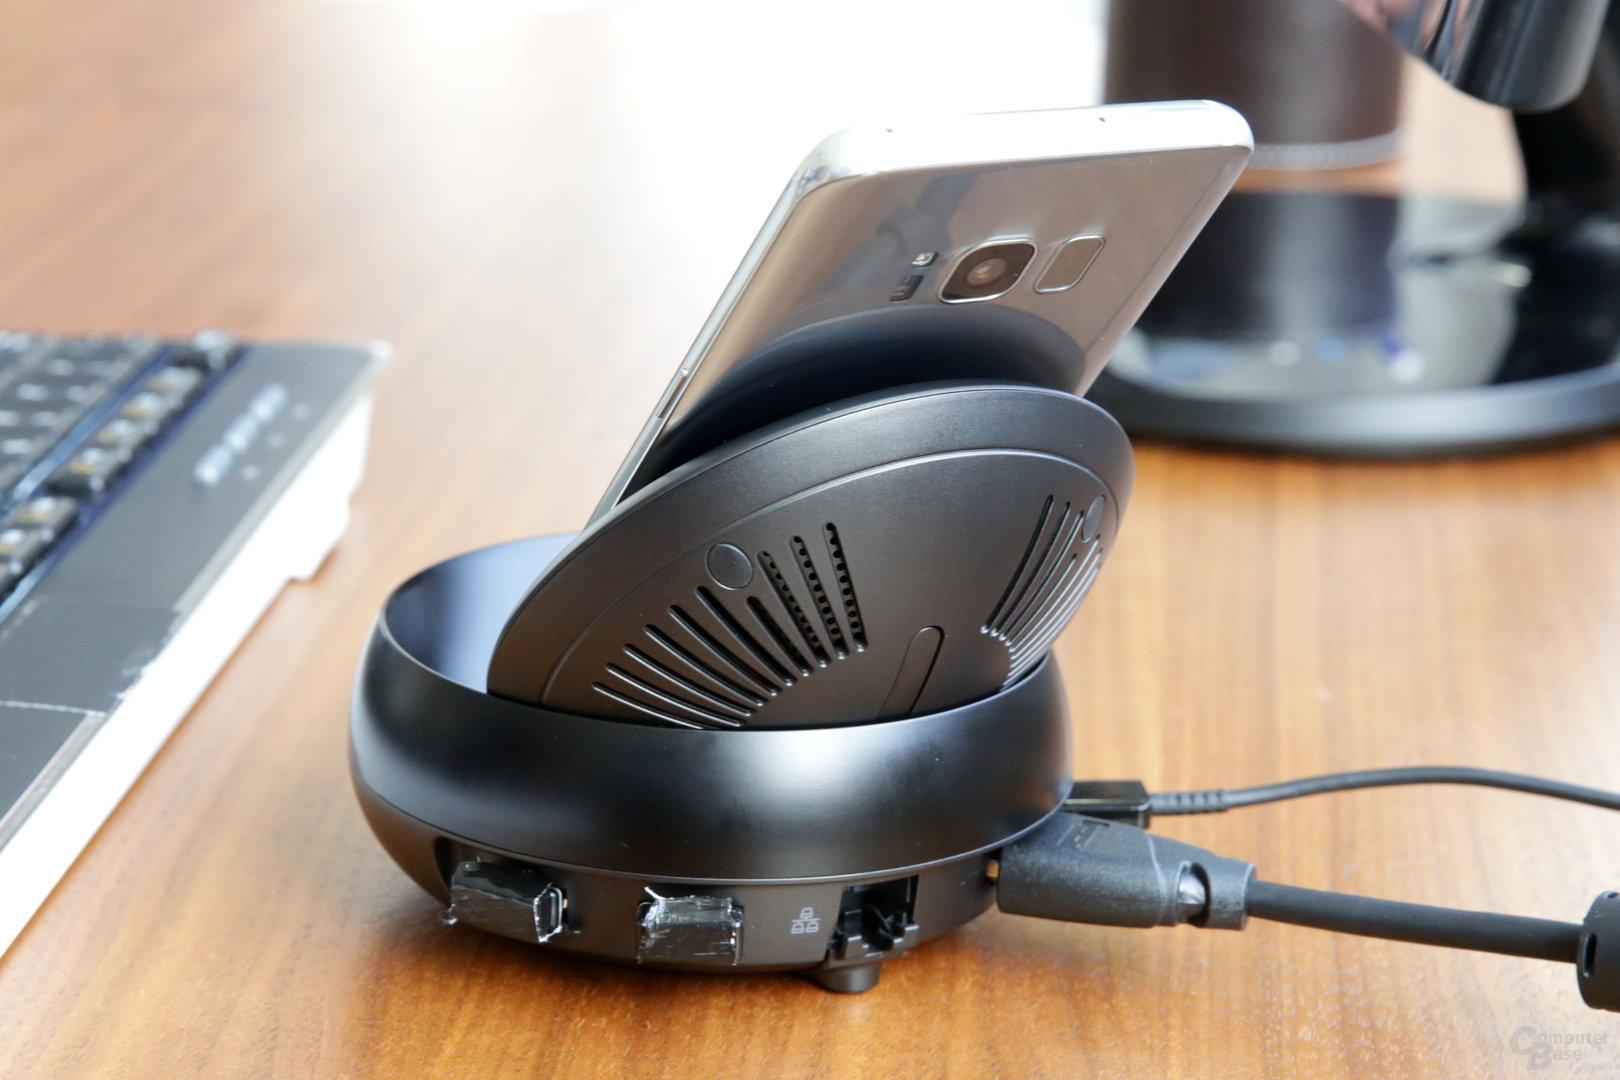 Anschlüsse für USB, HDMI und Ethernet